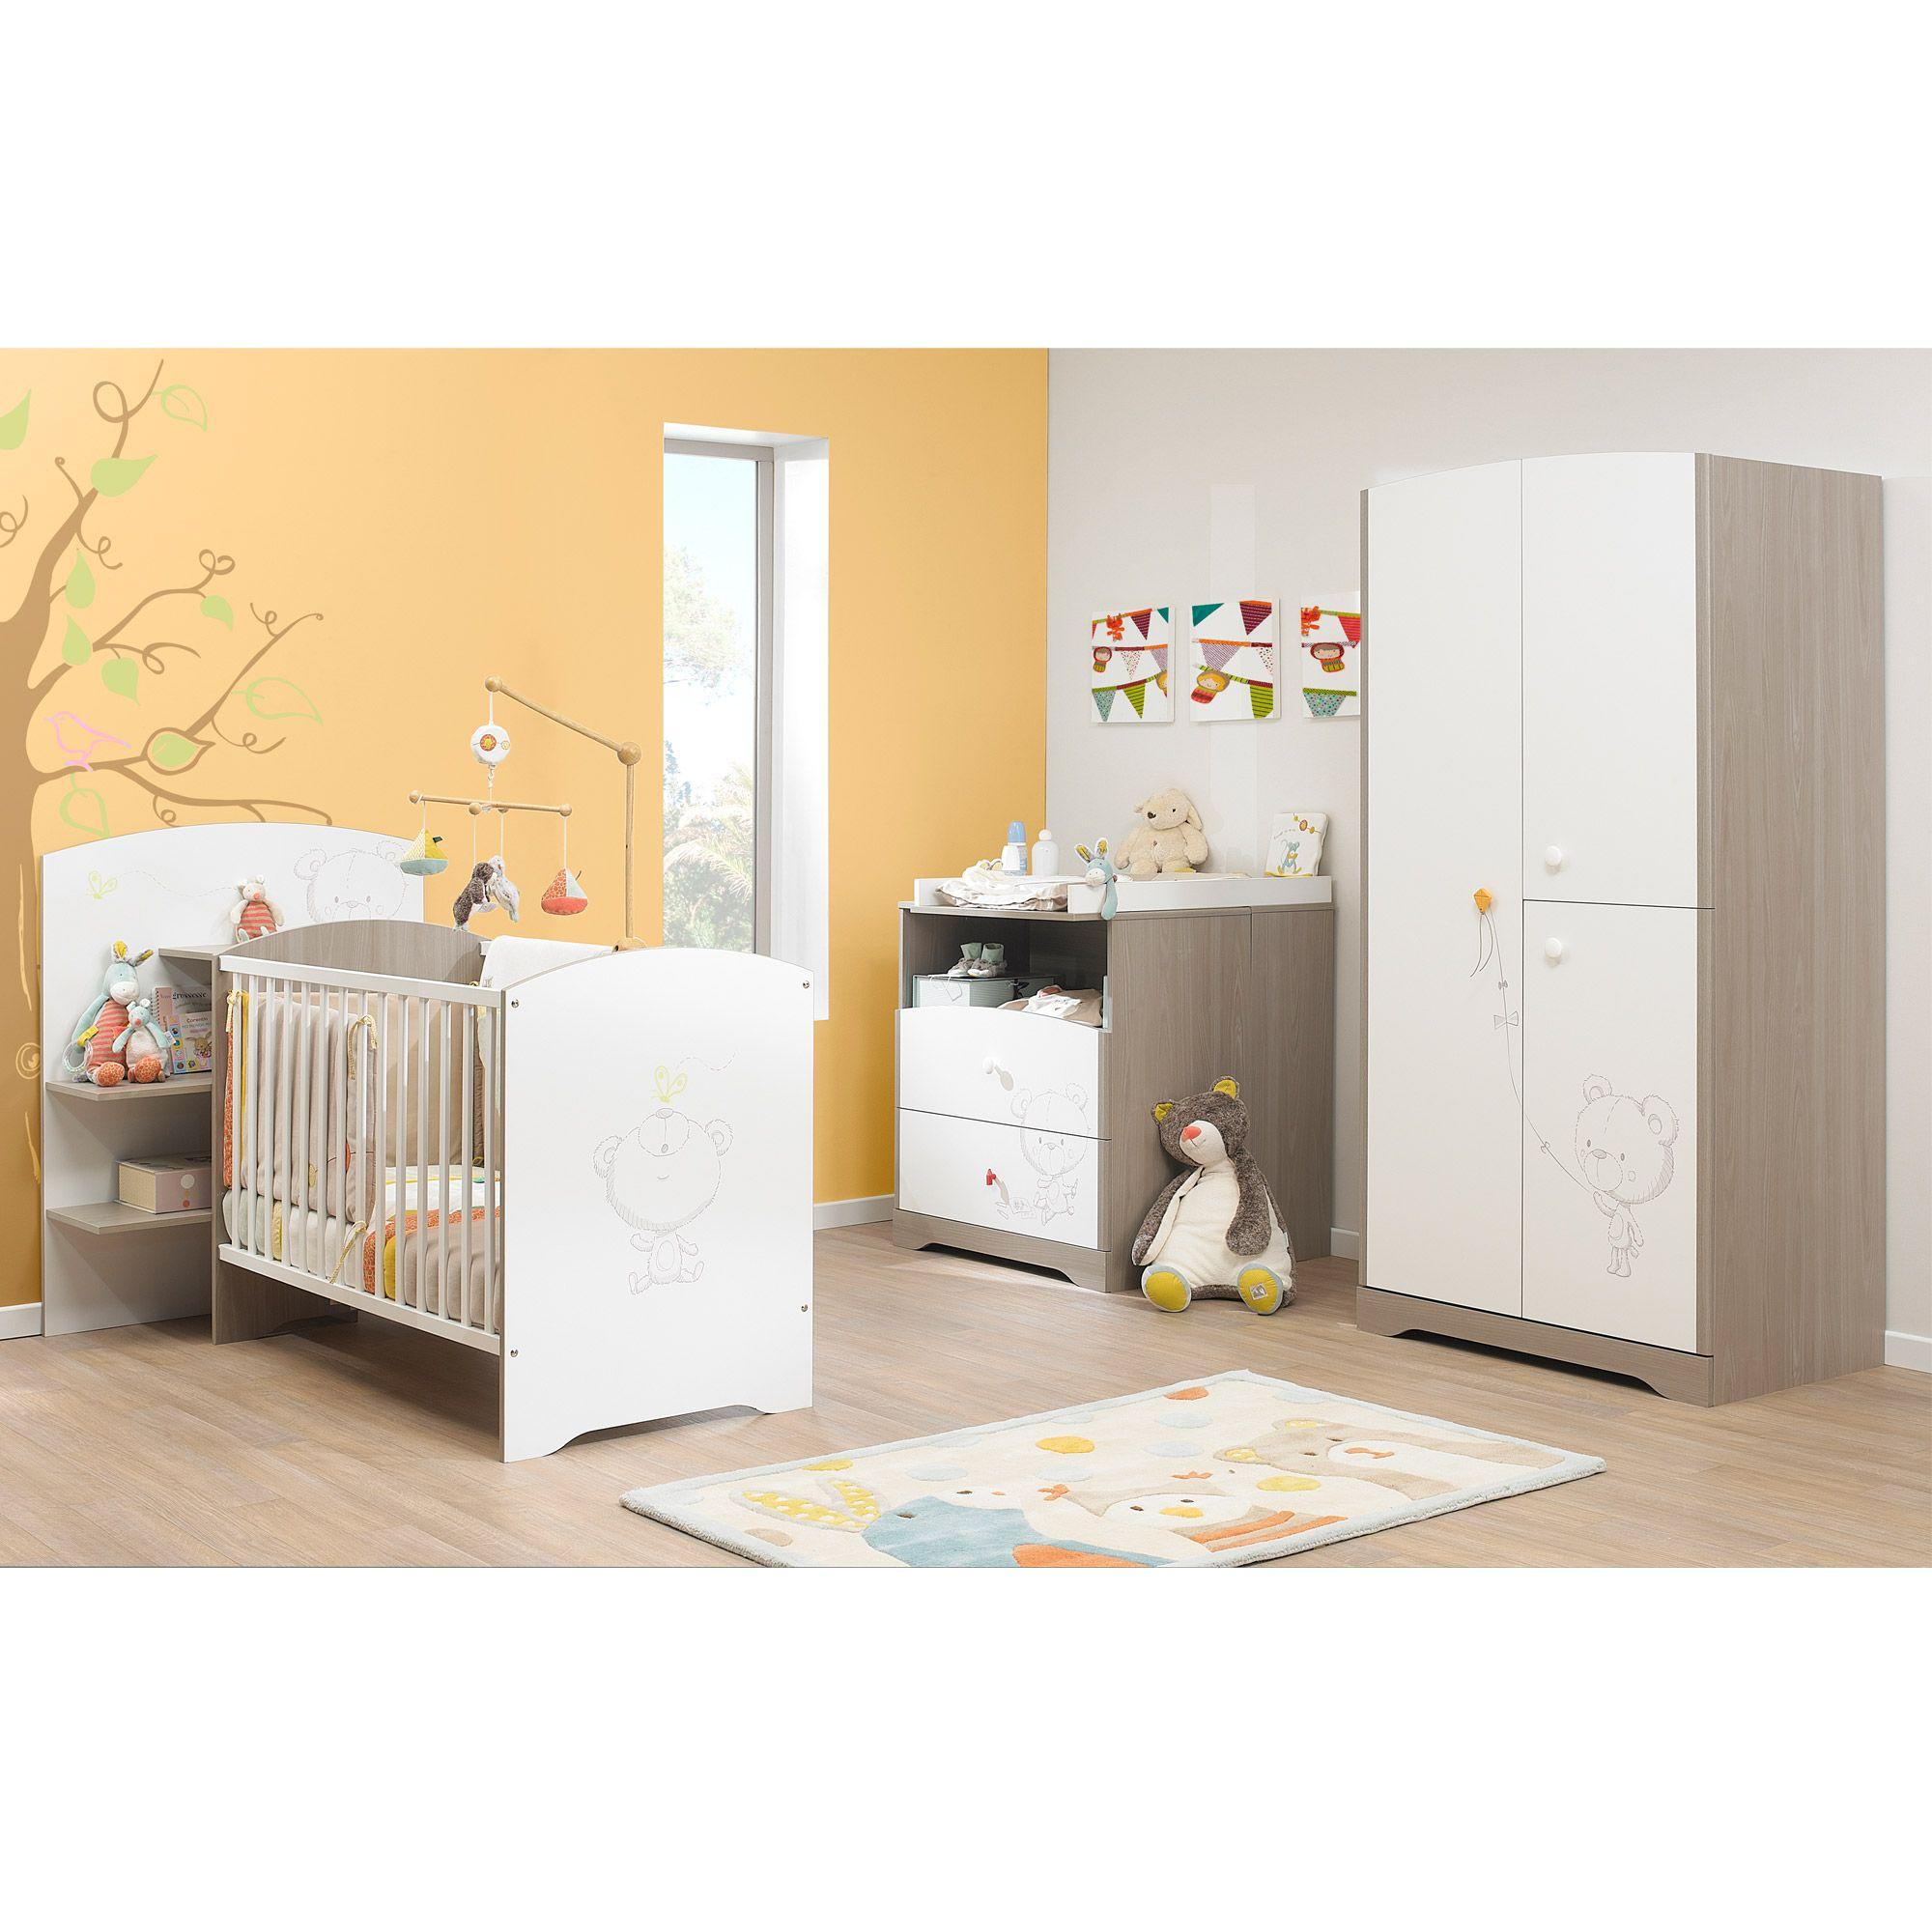 Chambre bébé contemporaine blanche marron clair Ted